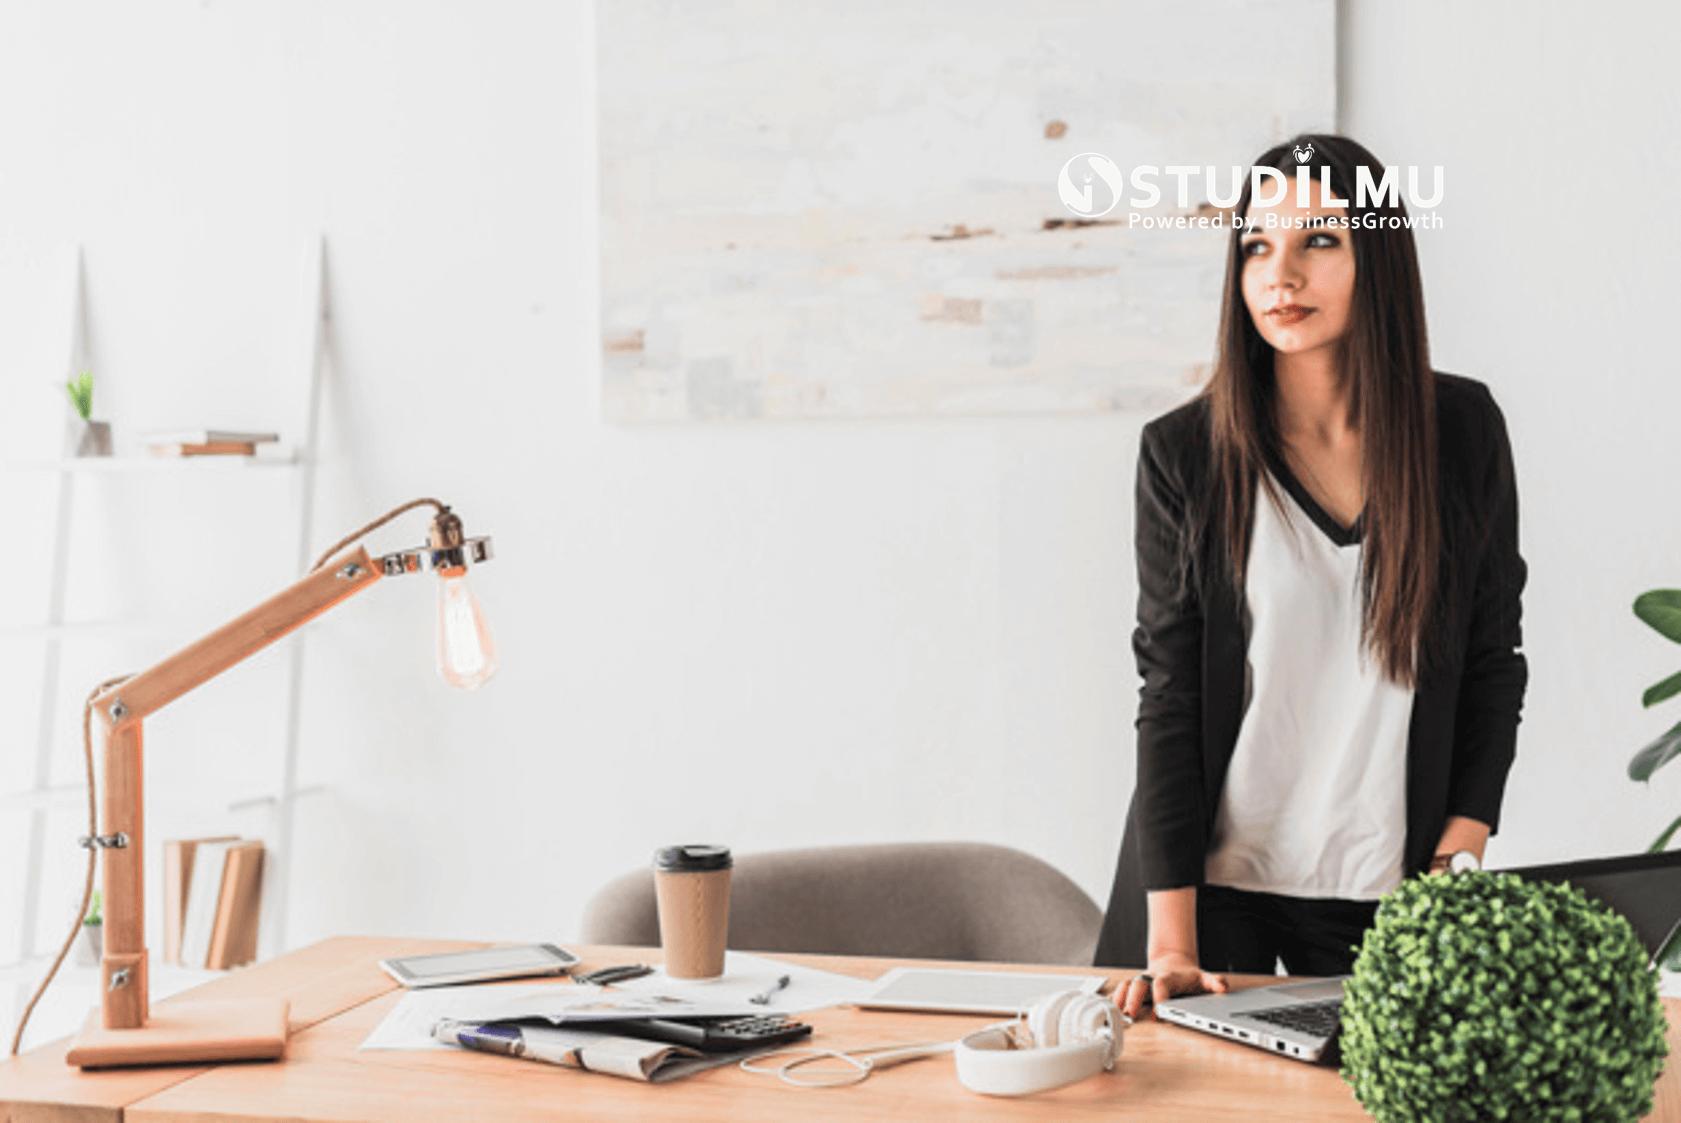 STUDILMU Career Advice - 10 Cara Sederhana untuk Mencintai Pekerjaan yang Kita Miliki